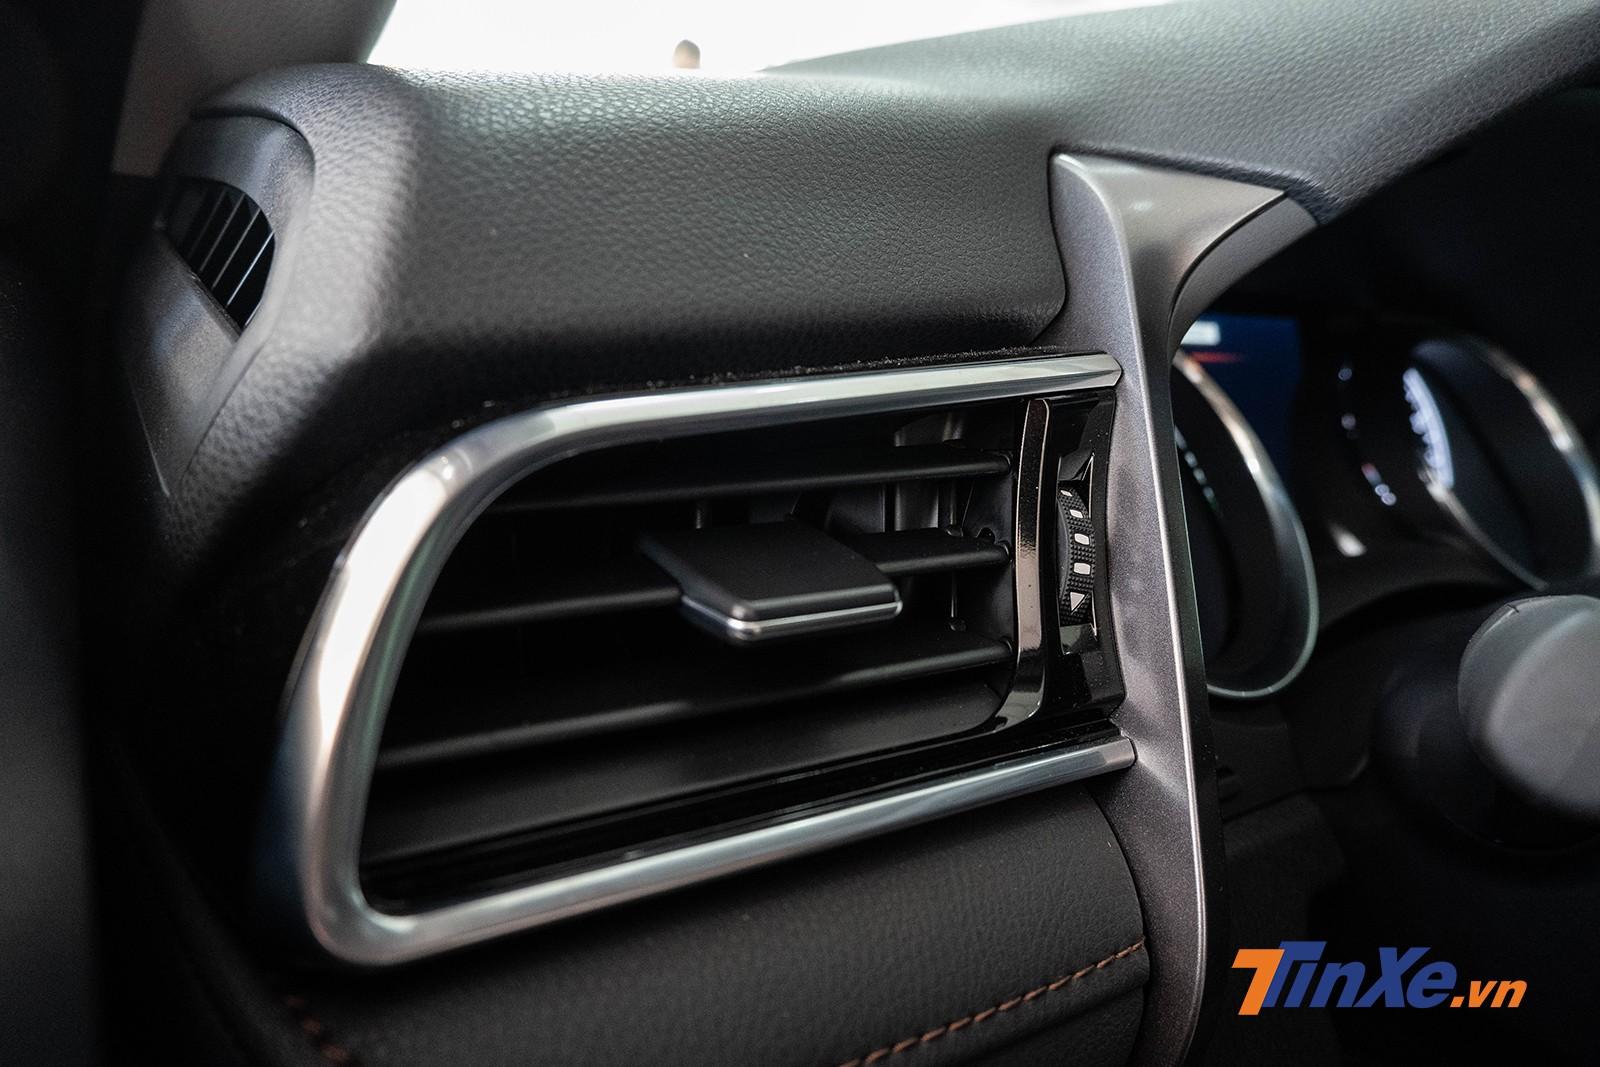 Cửa gió điều hòa hình chữ nhật với những đường nét mềm mại ăn khớp với táp-lô của xe